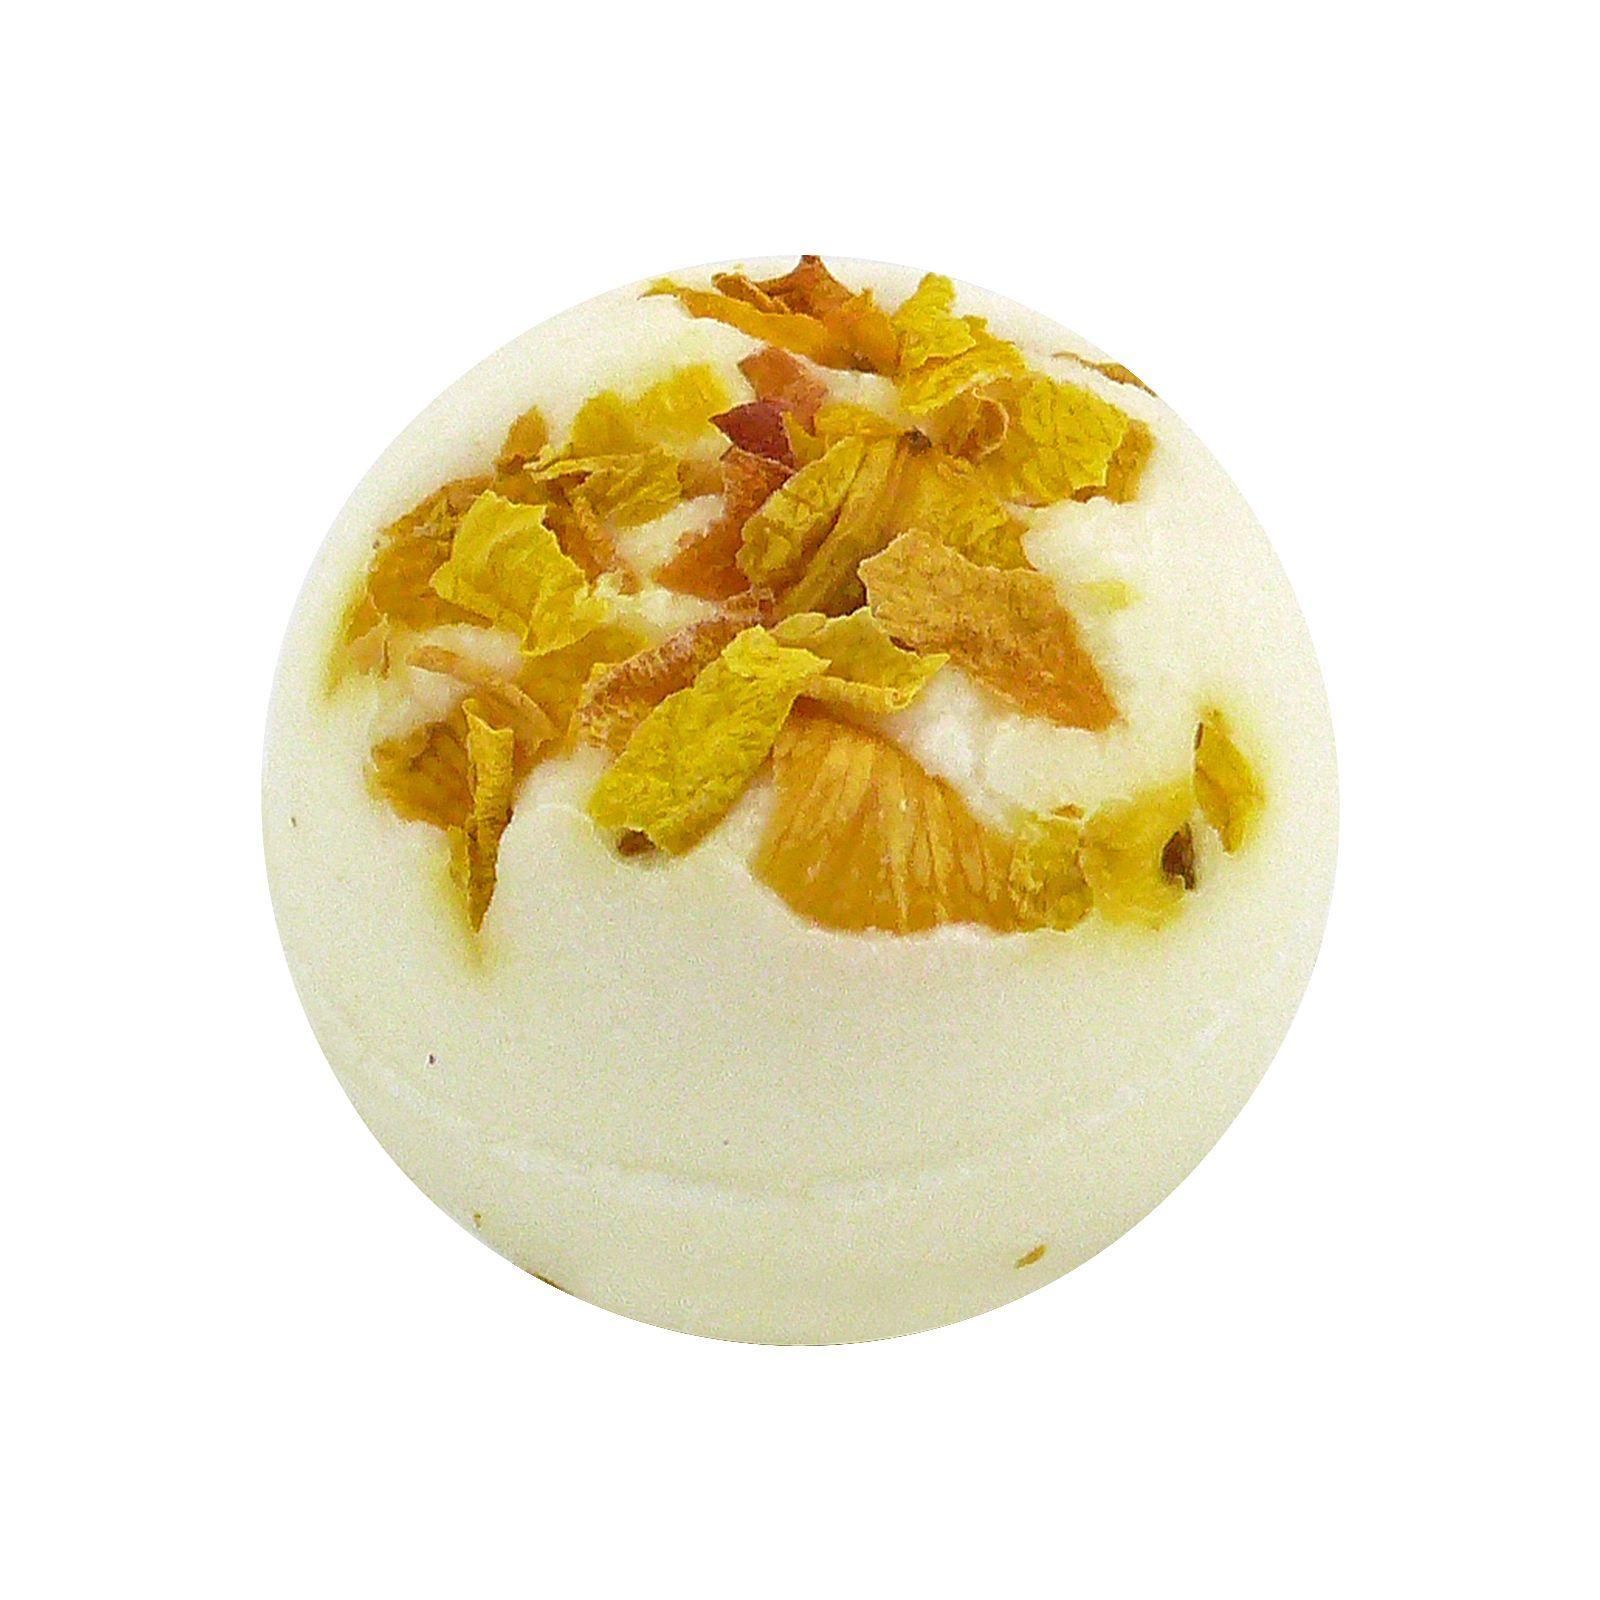 Ceano Cosmetics Krémová kulička do koupele žlutá růže 50 g,1 ks